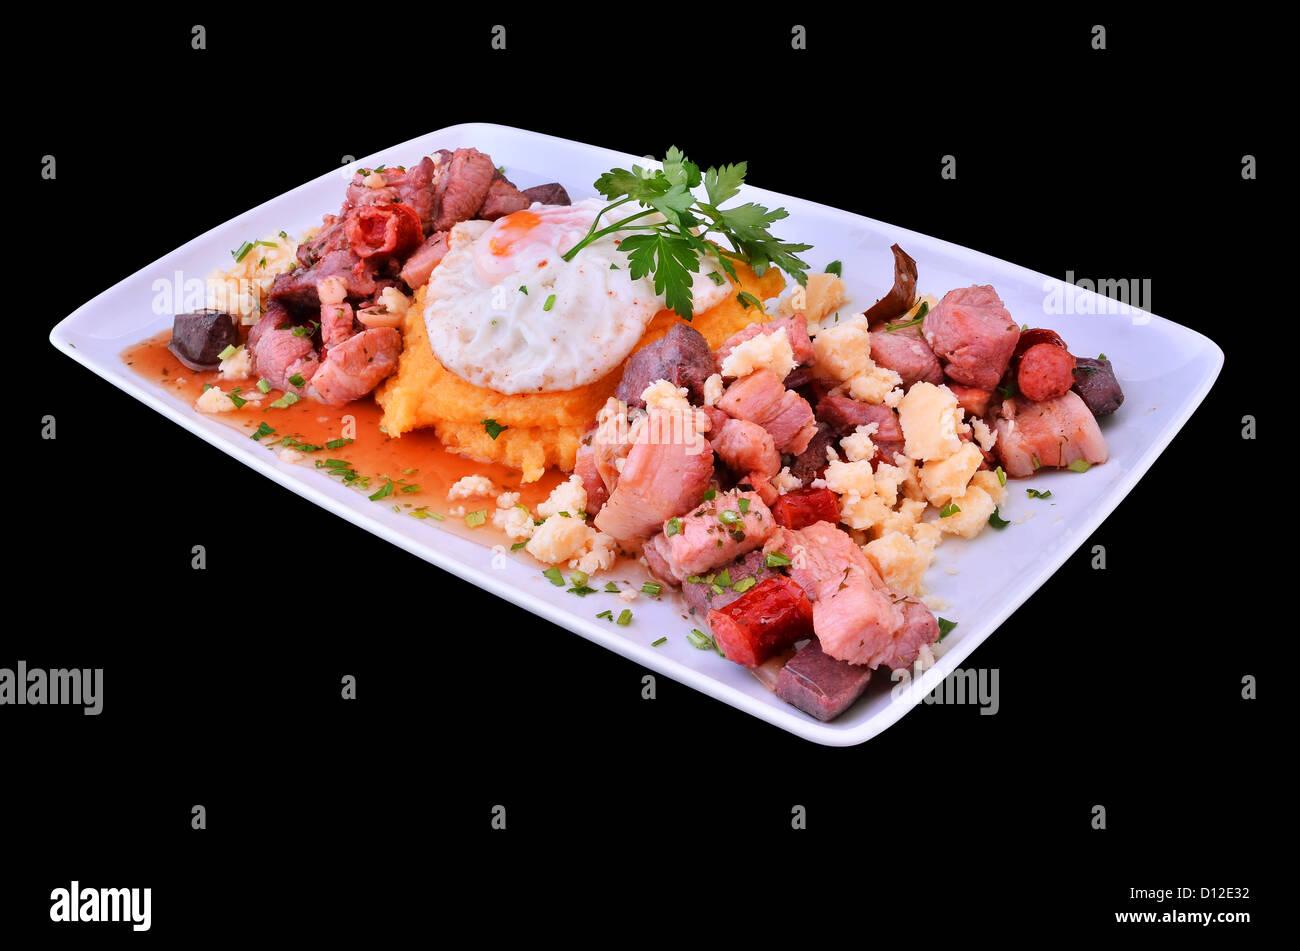 Stücke von Schwein Fleisch Pfanne gekocht mit Knoblauch, traditioneller Käse, Spiegelei und Polenta (Rumänisch: Stockbild